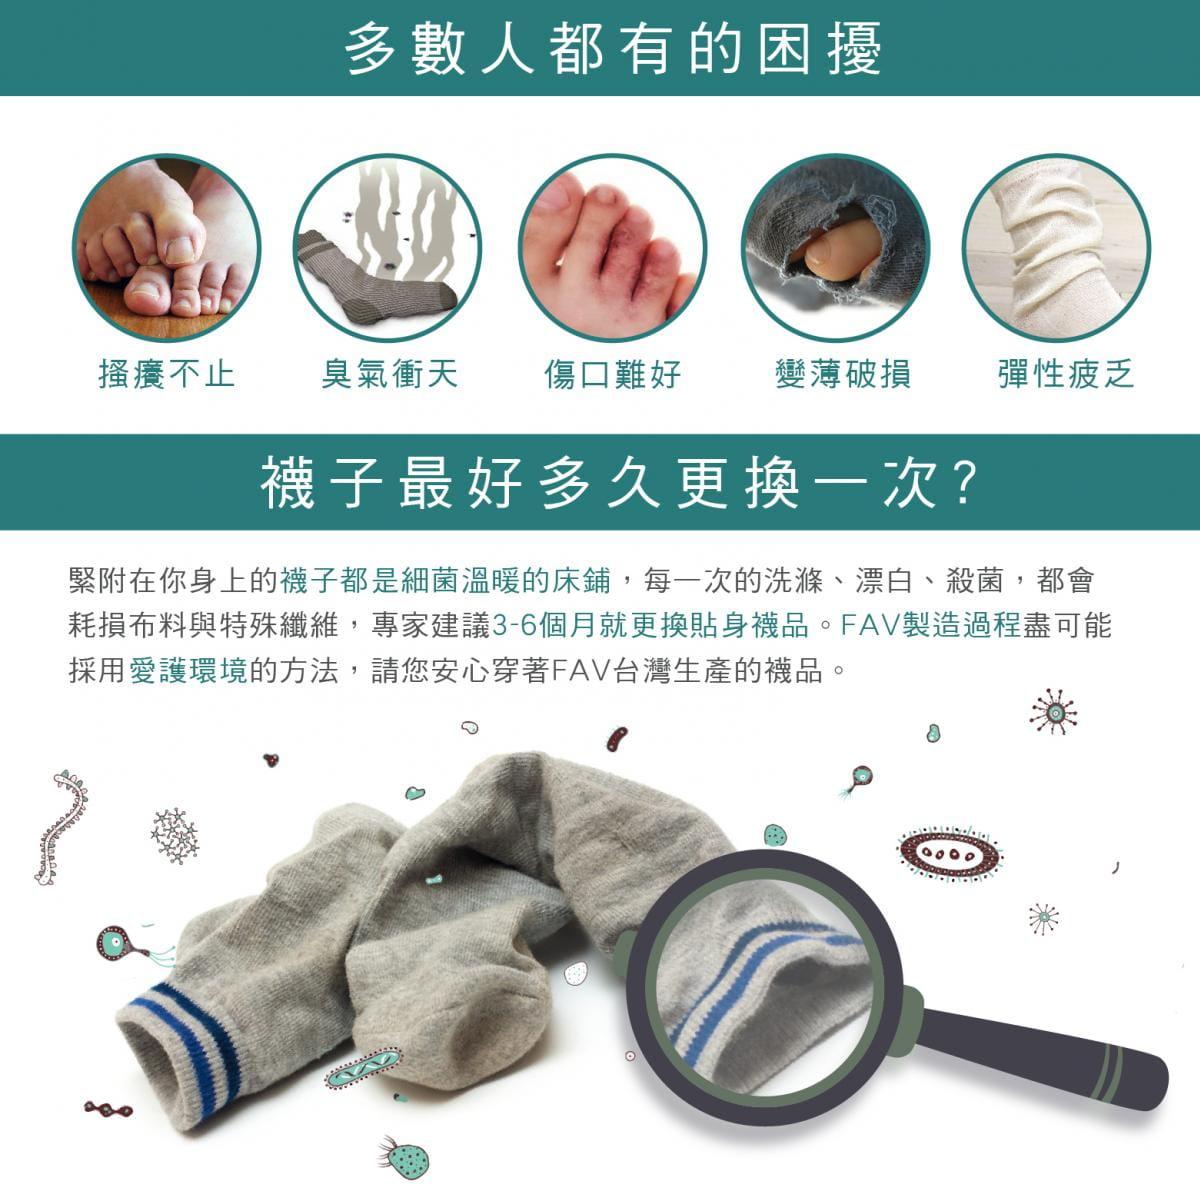 【FAV】運動加大除臭數字襪(單隻販售) 10